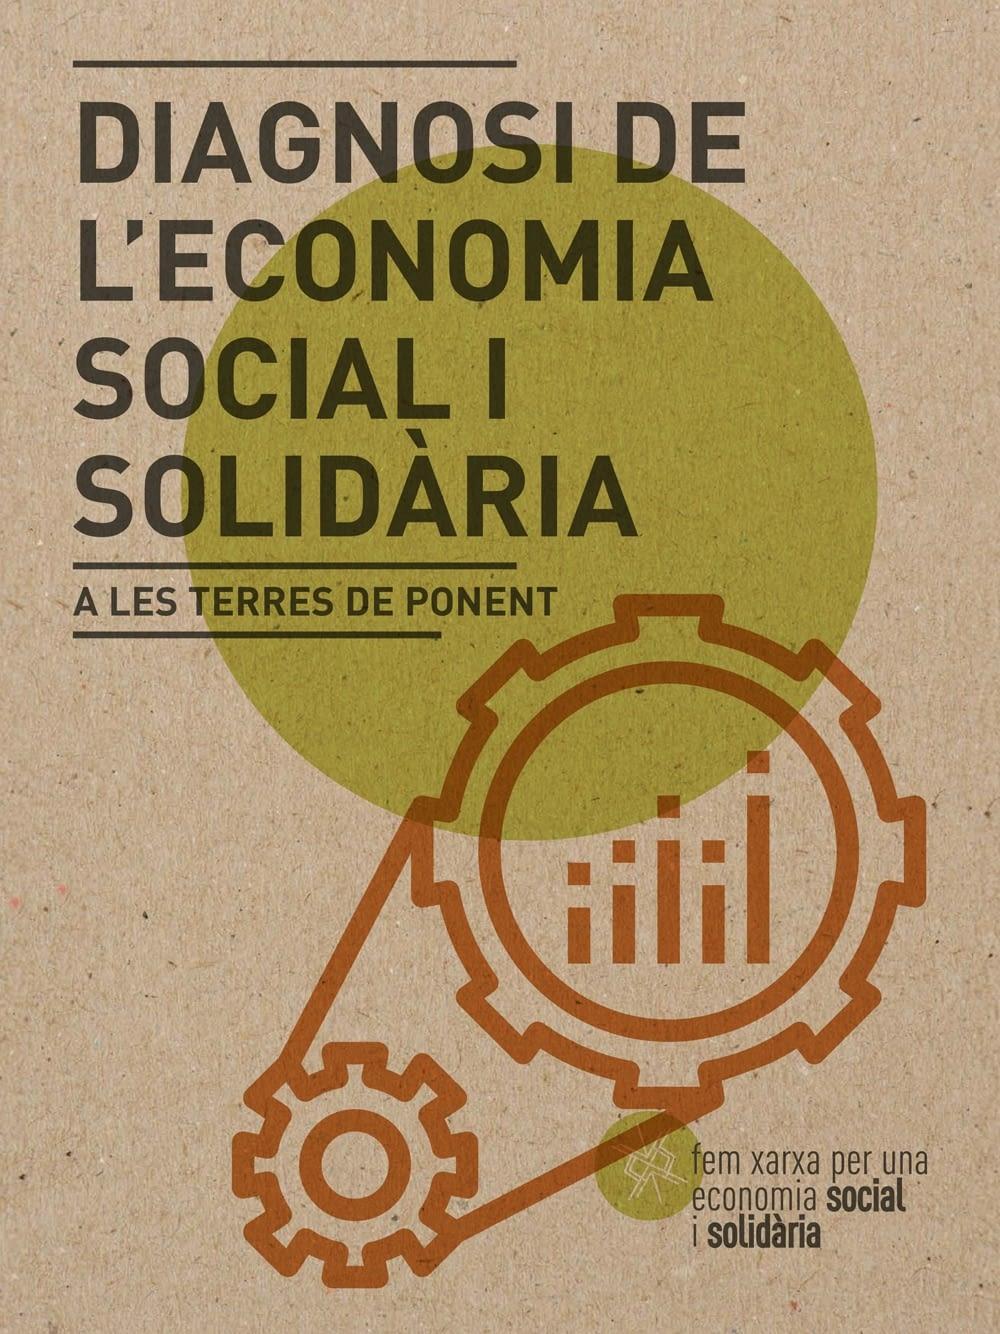 Diagnosi de l'Economia Social i Solidària a les terres de Ponent